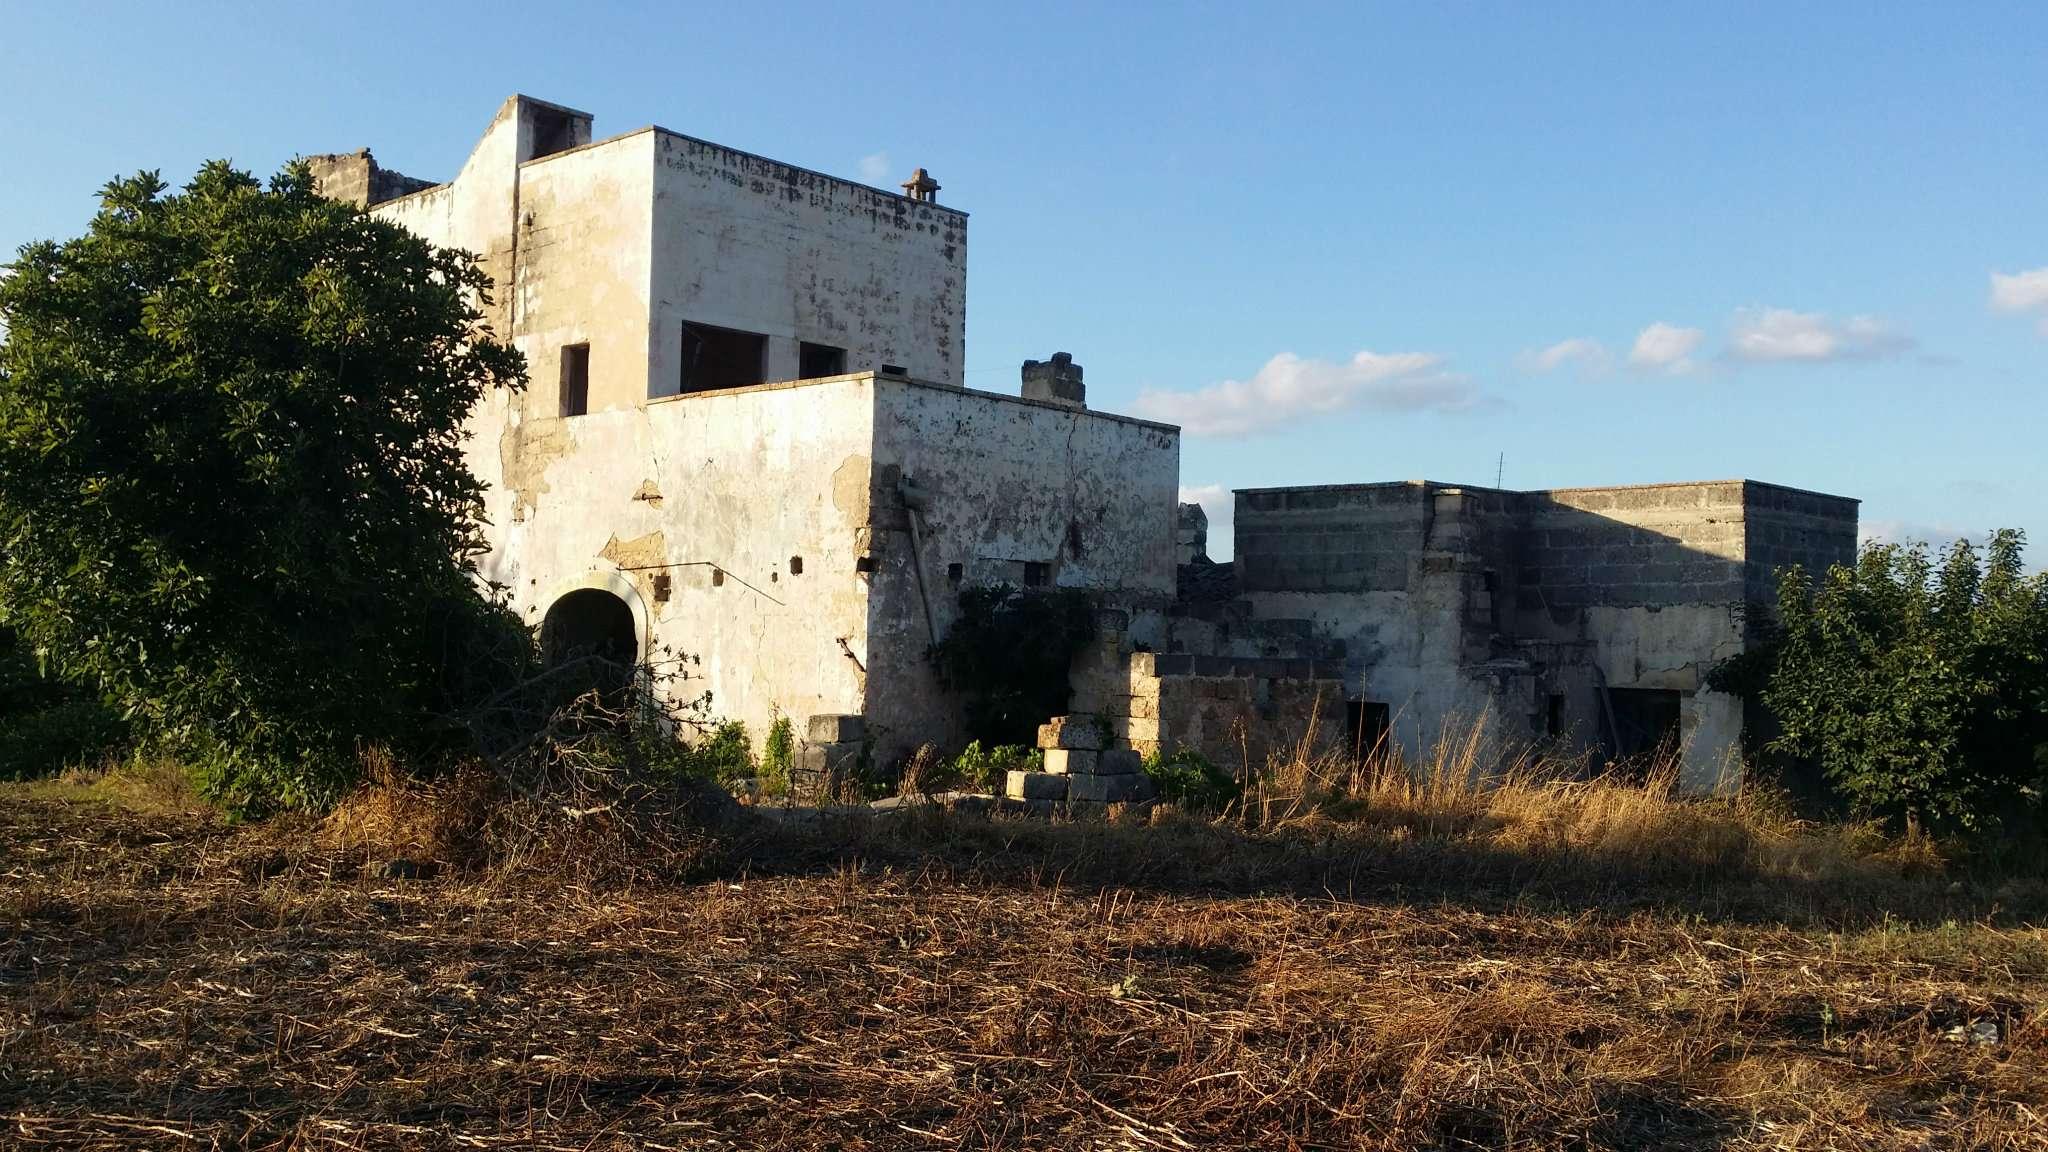 Foto 3 di Casa Colonica contrada Paduli, Cutrofiano